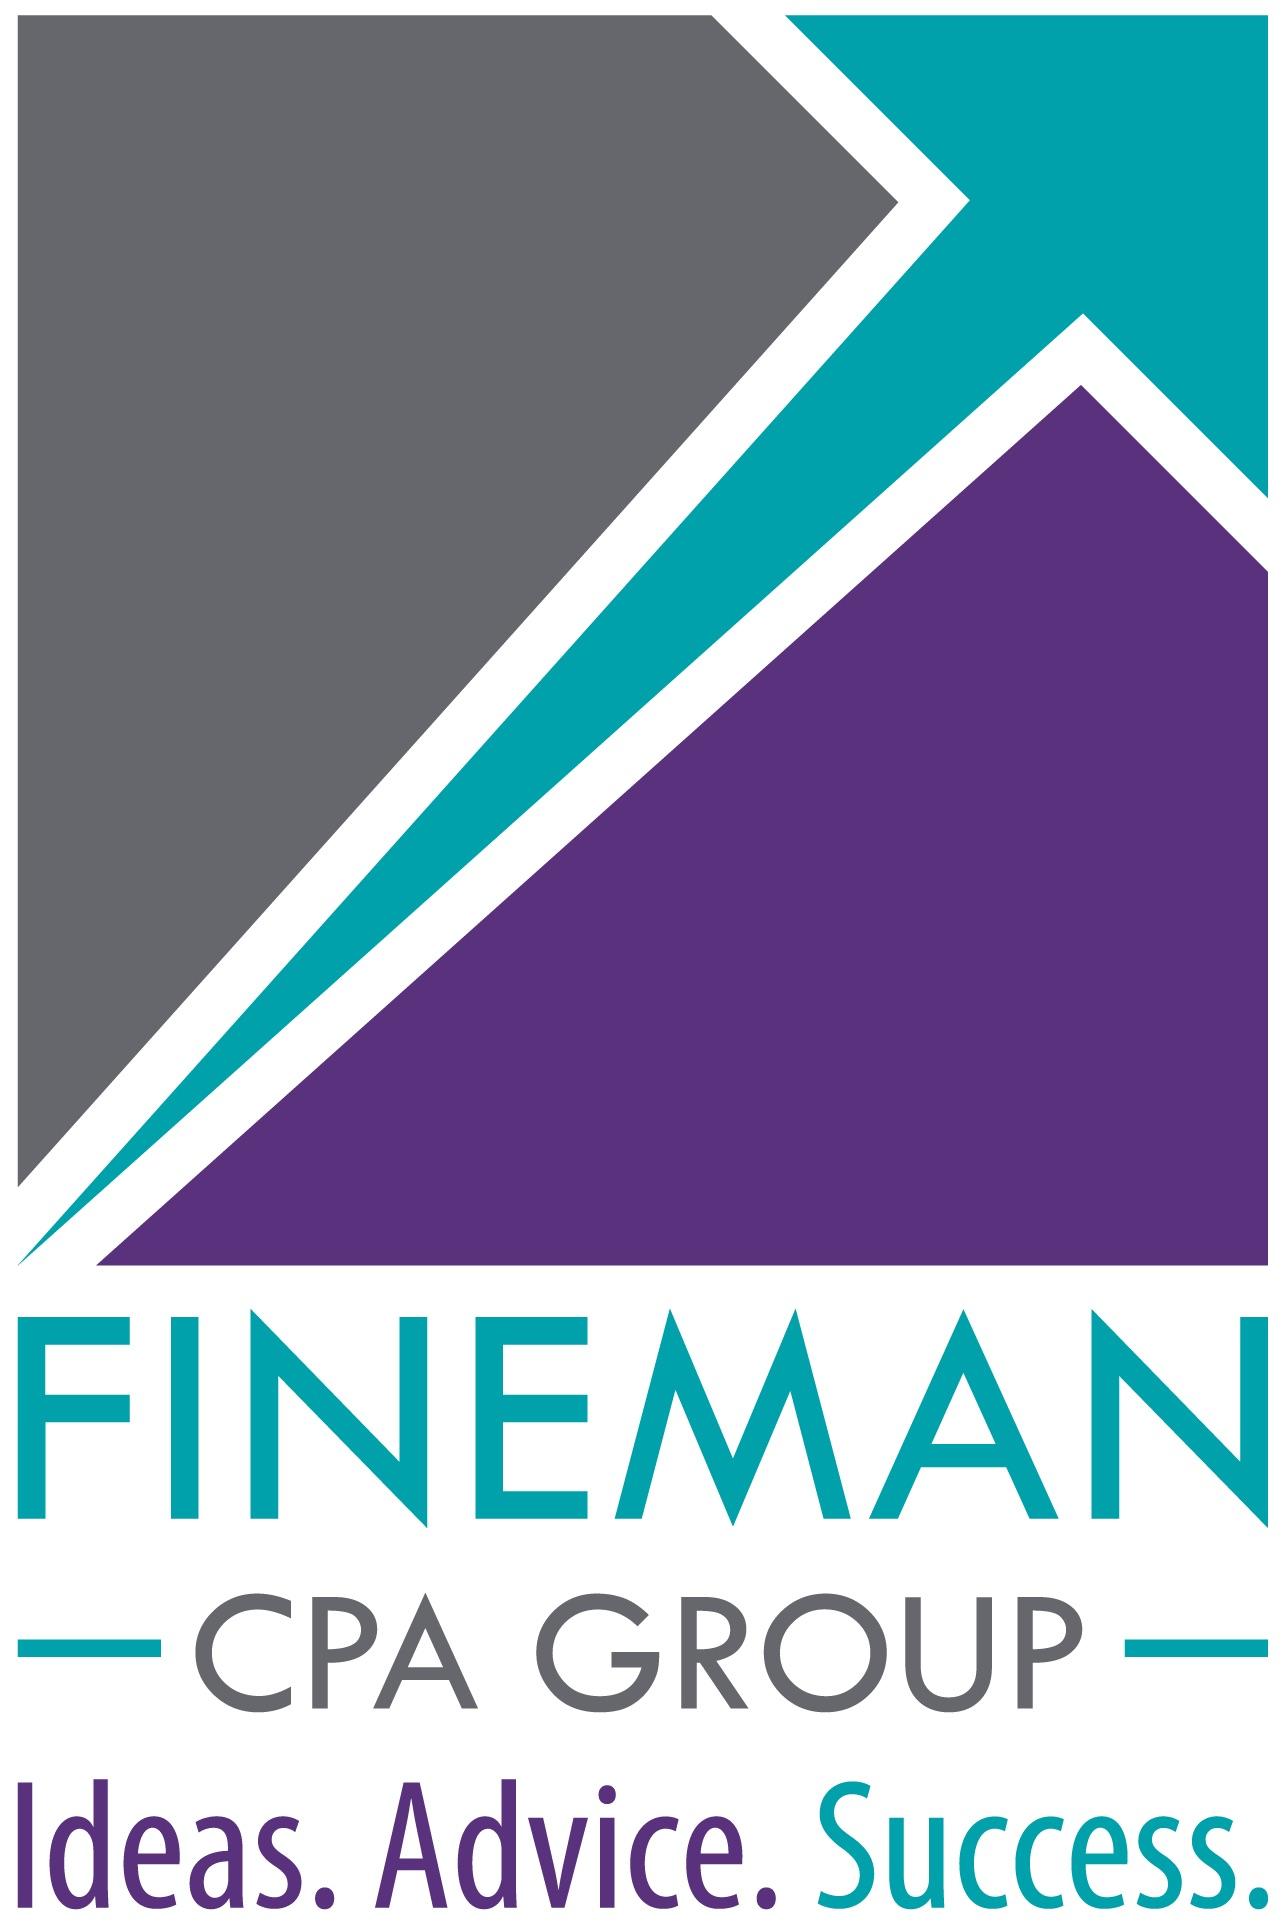 Fineman CPA Group logo